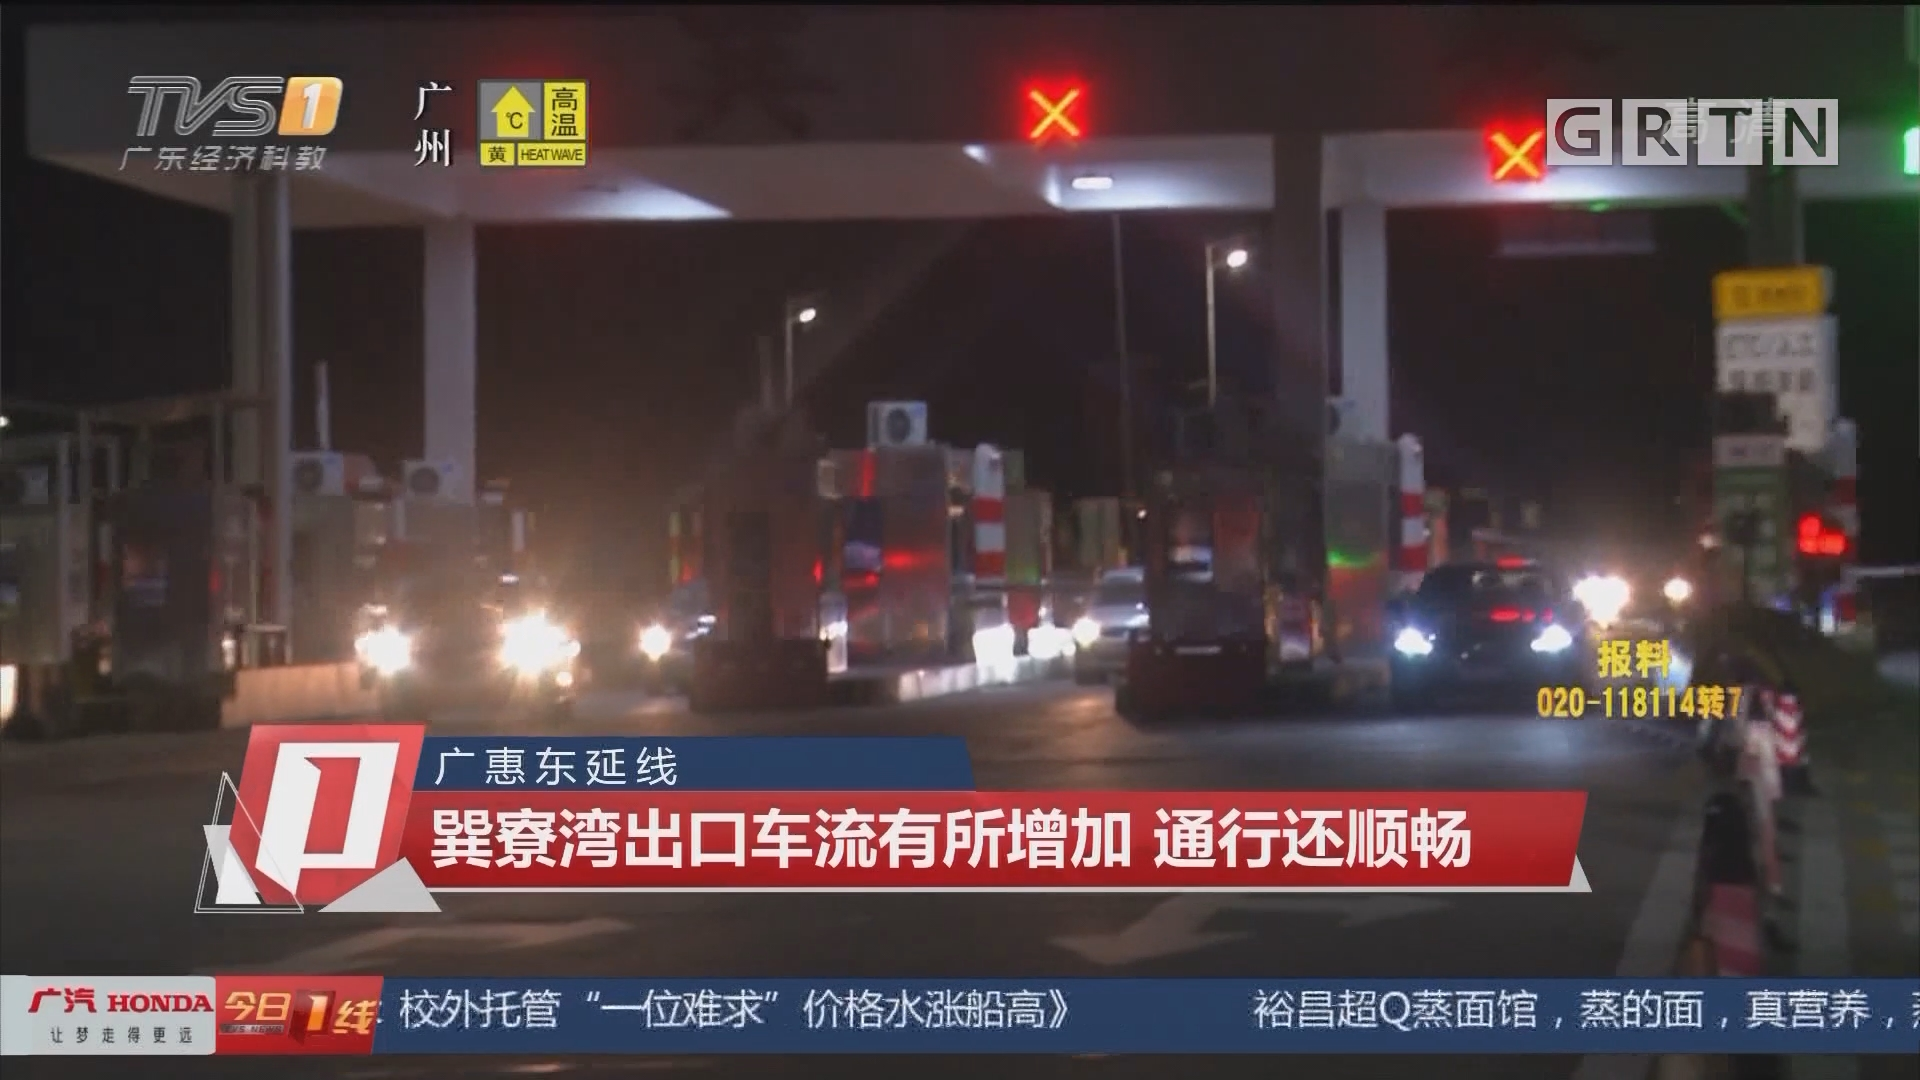 广惠东延线 巽寮湾出口车流有所增加 通行还顺畅